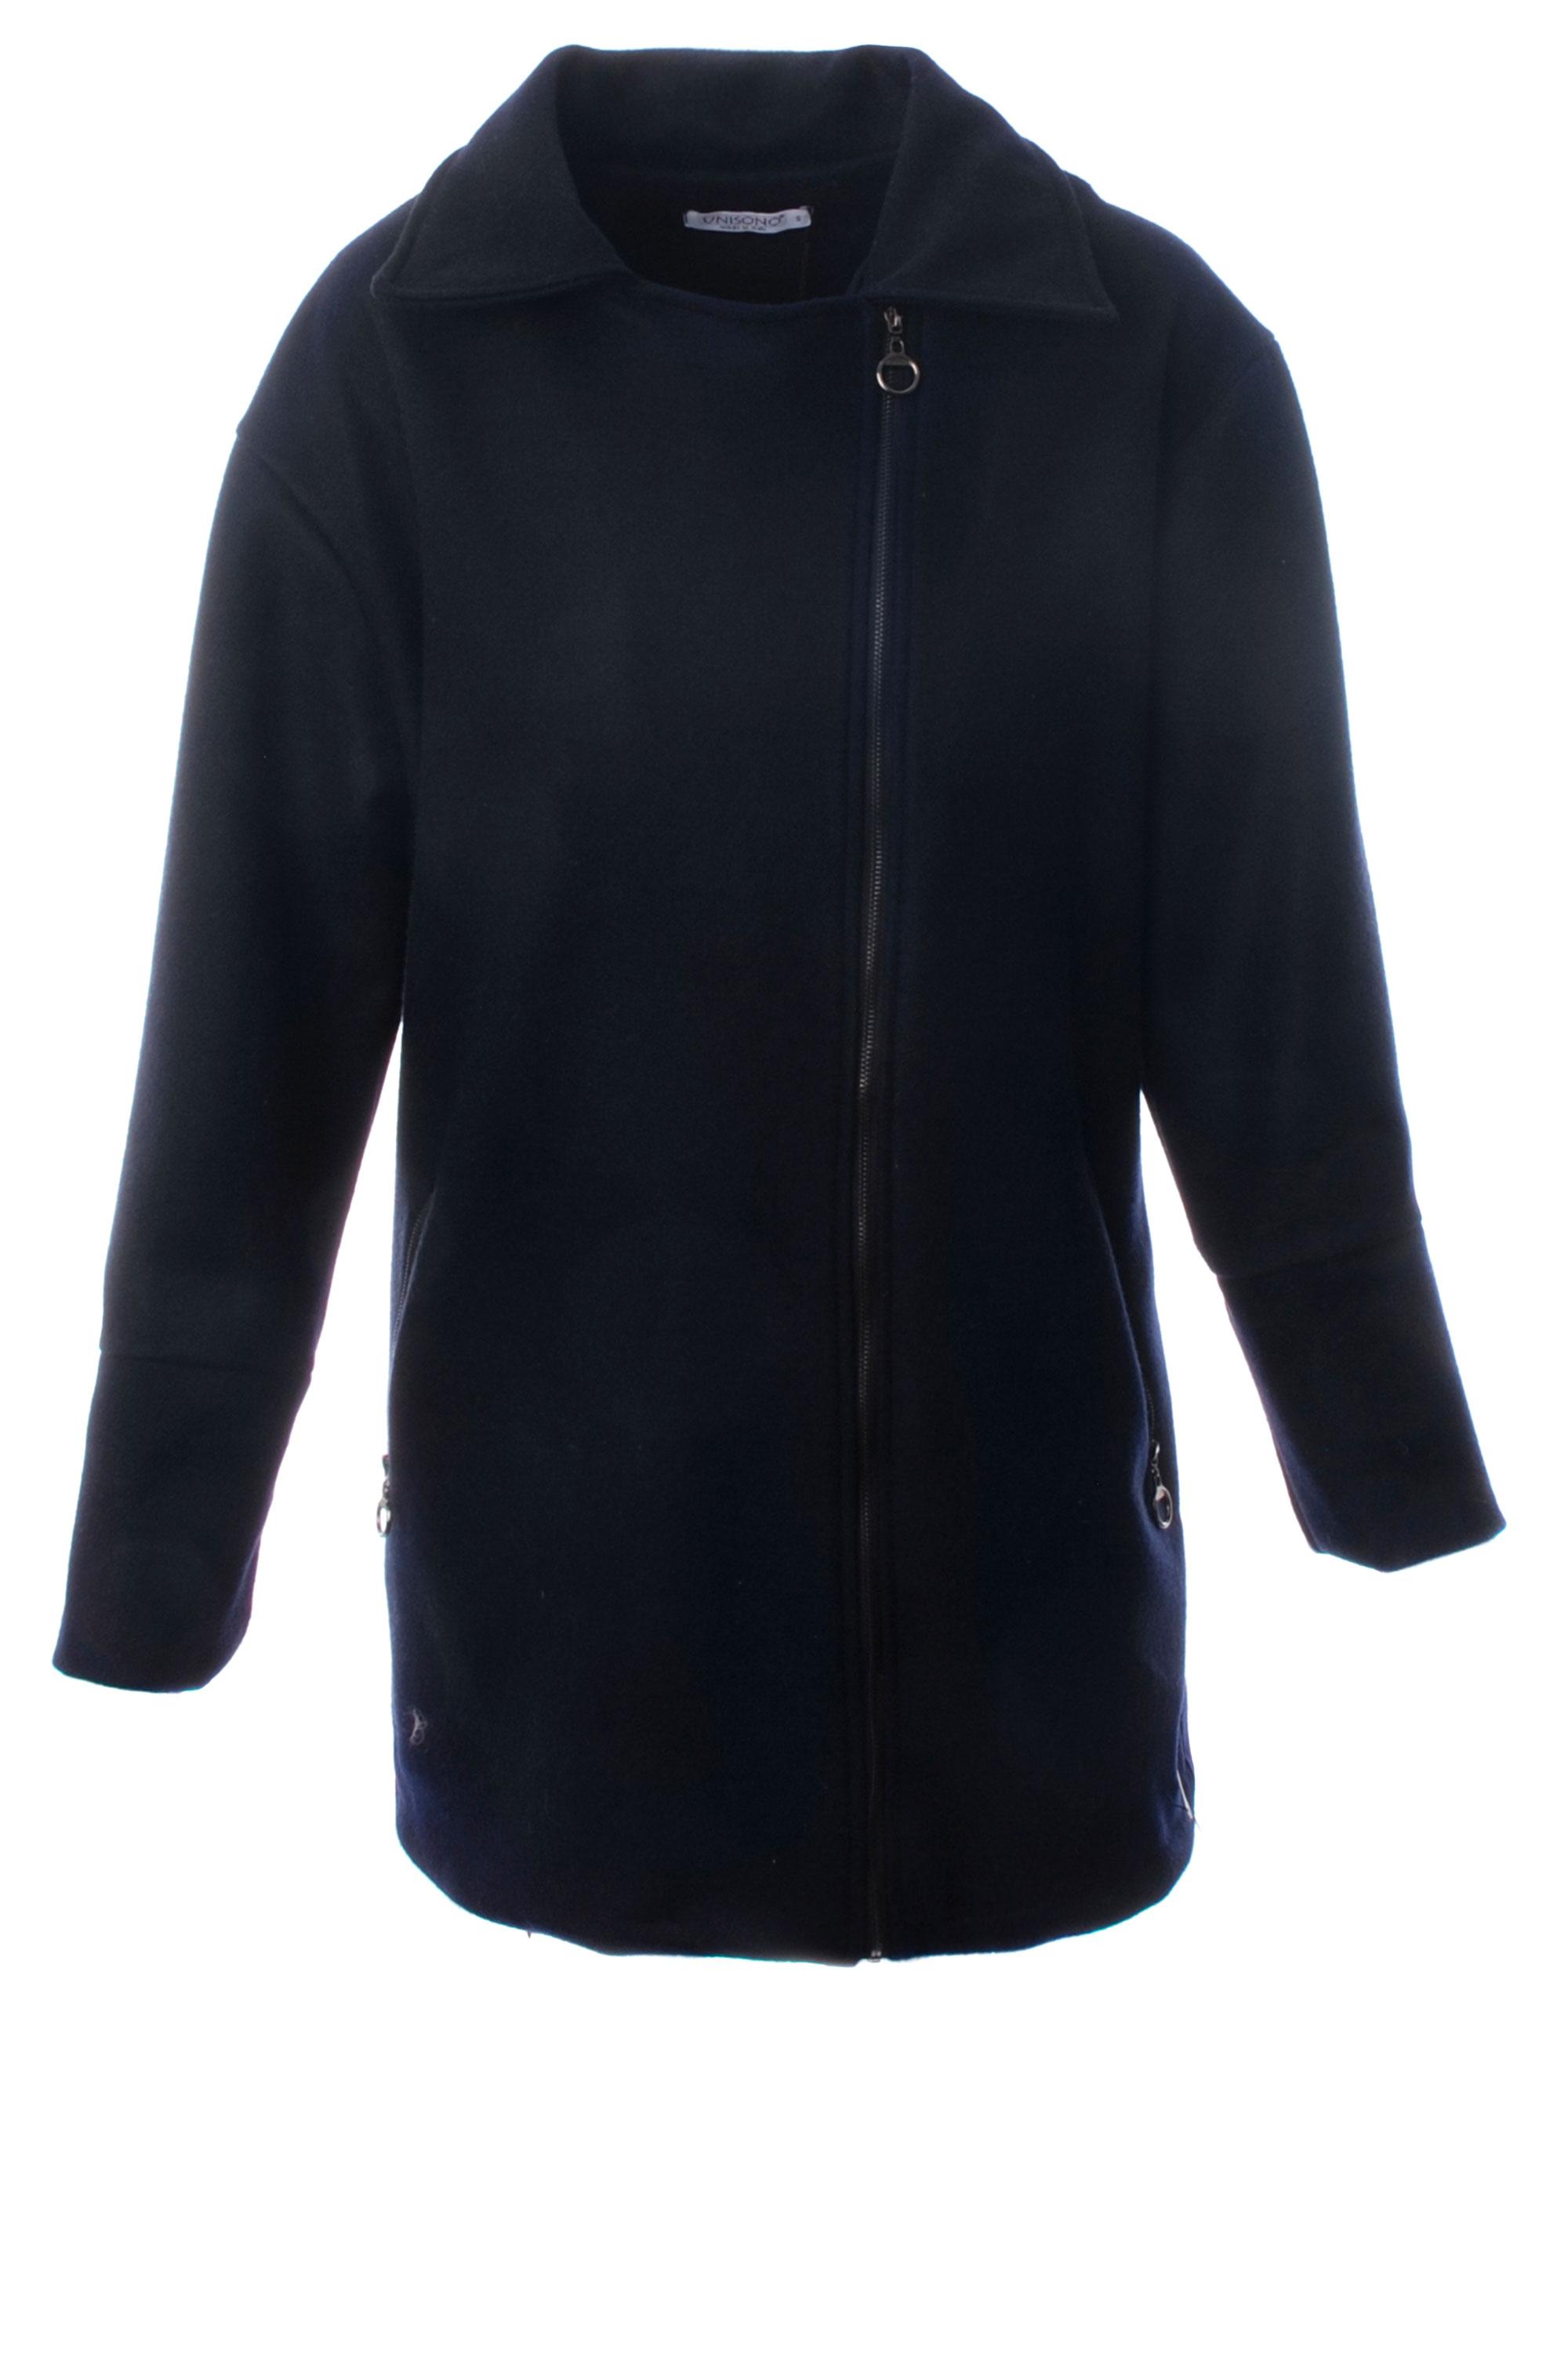 Płaszcz materiałowy - 34-3727 BL SC - Unisono